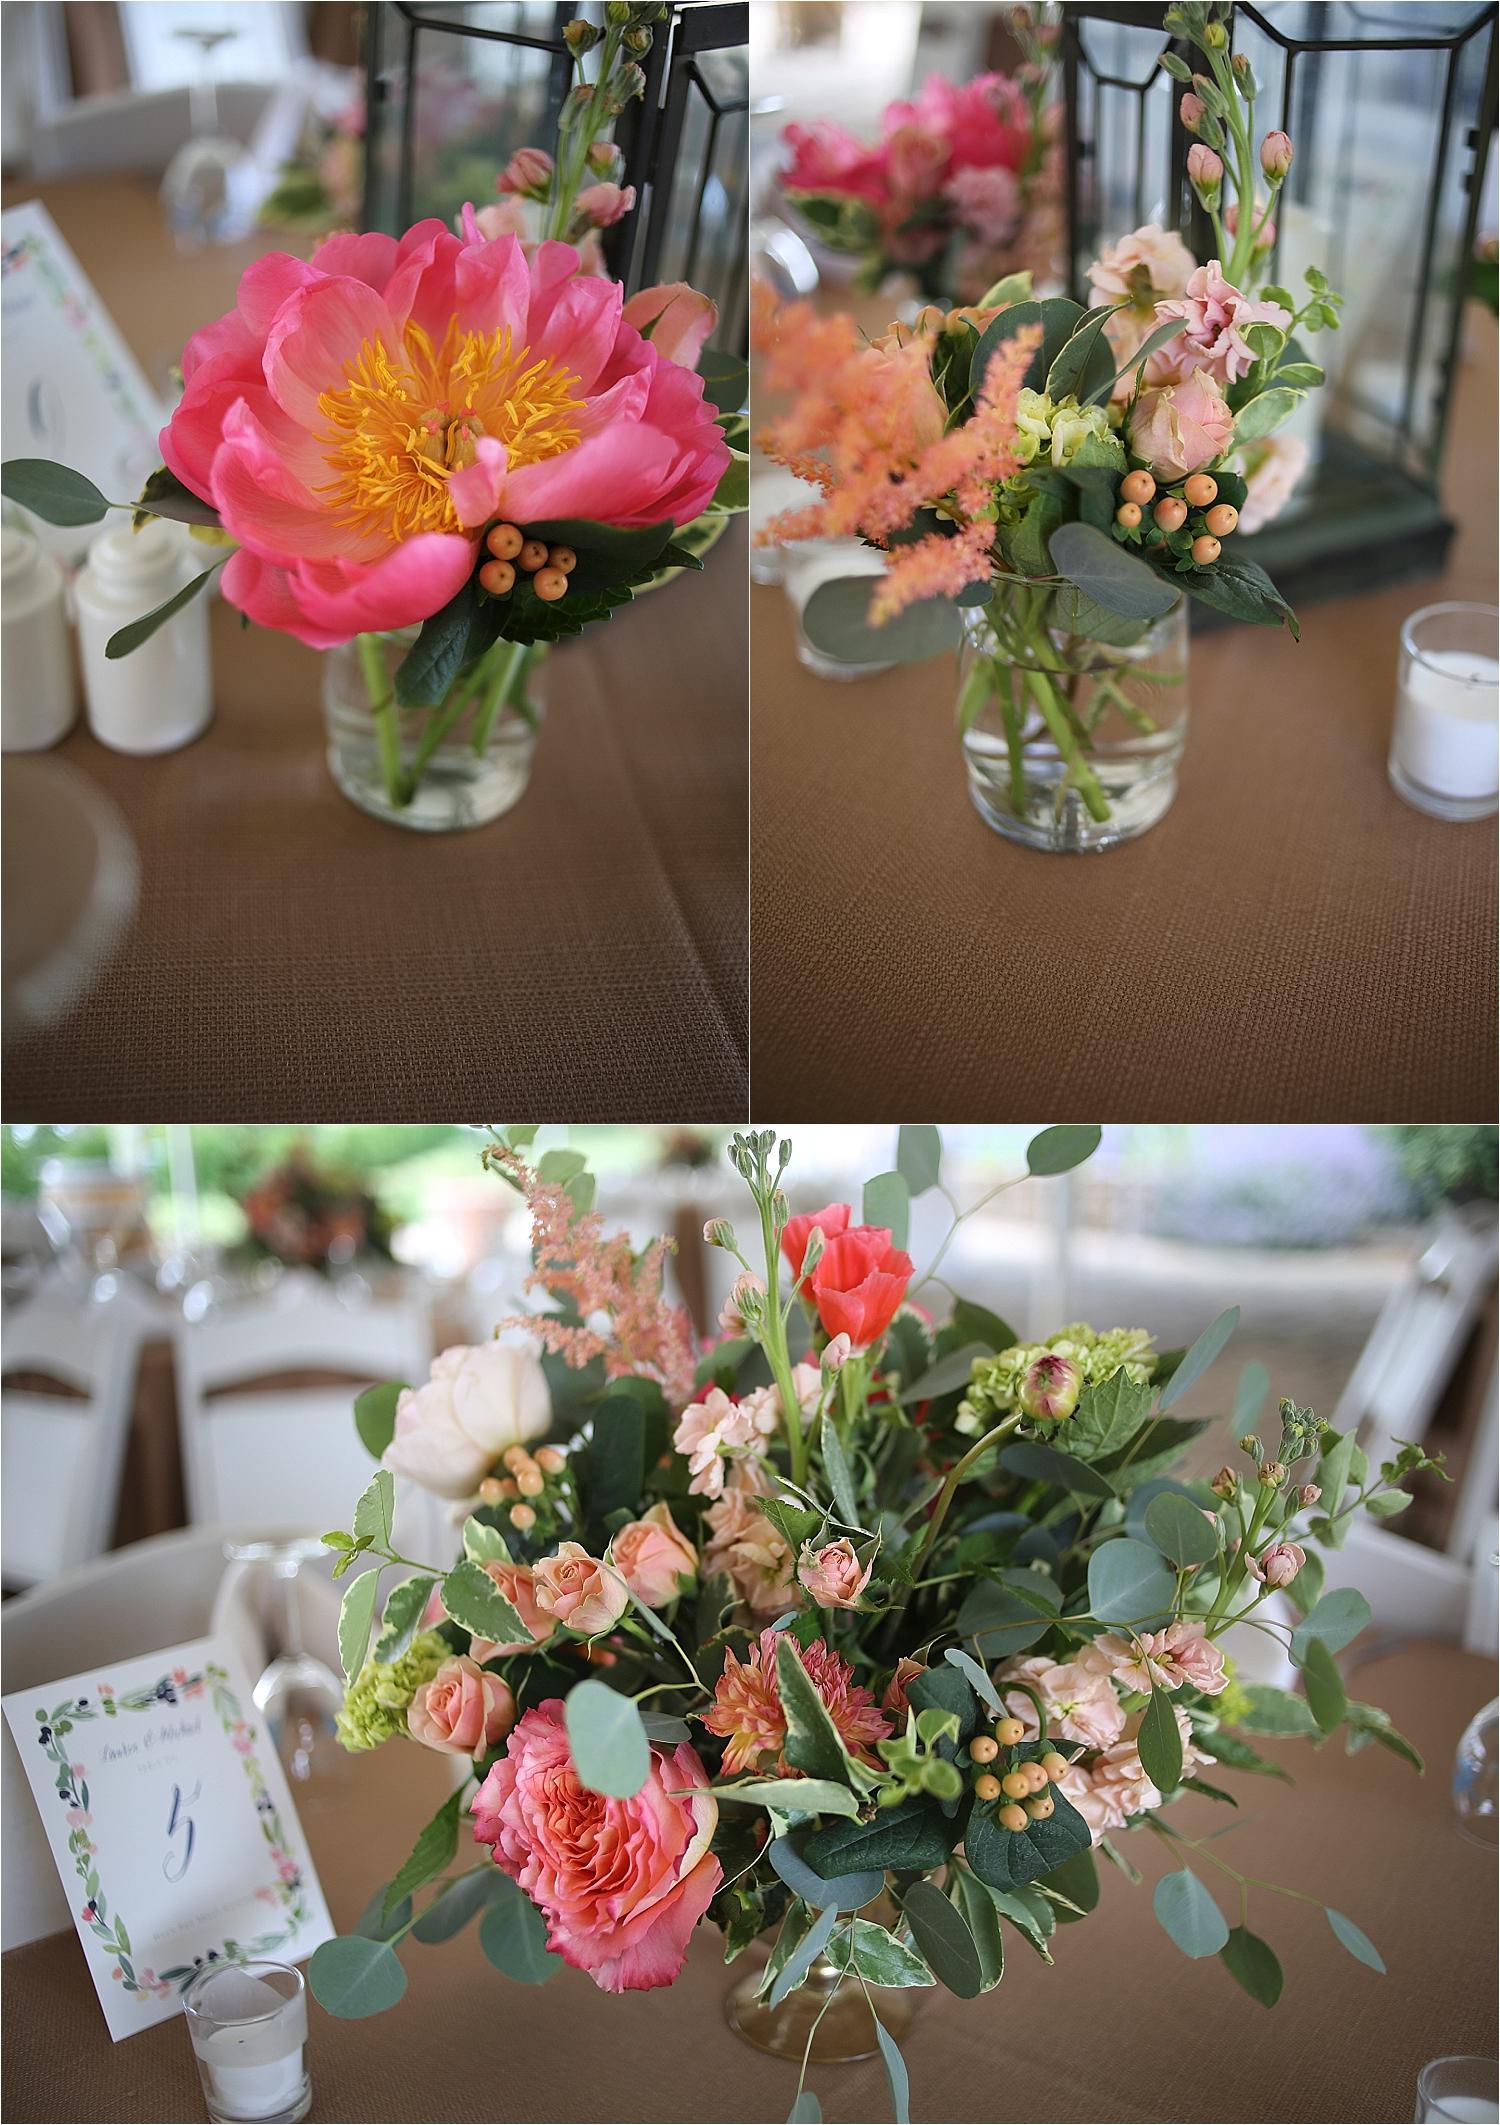 Chateau-Morrisette-Winery-Vineyard-Virginia-Wedding-Photos-_0001.jpg